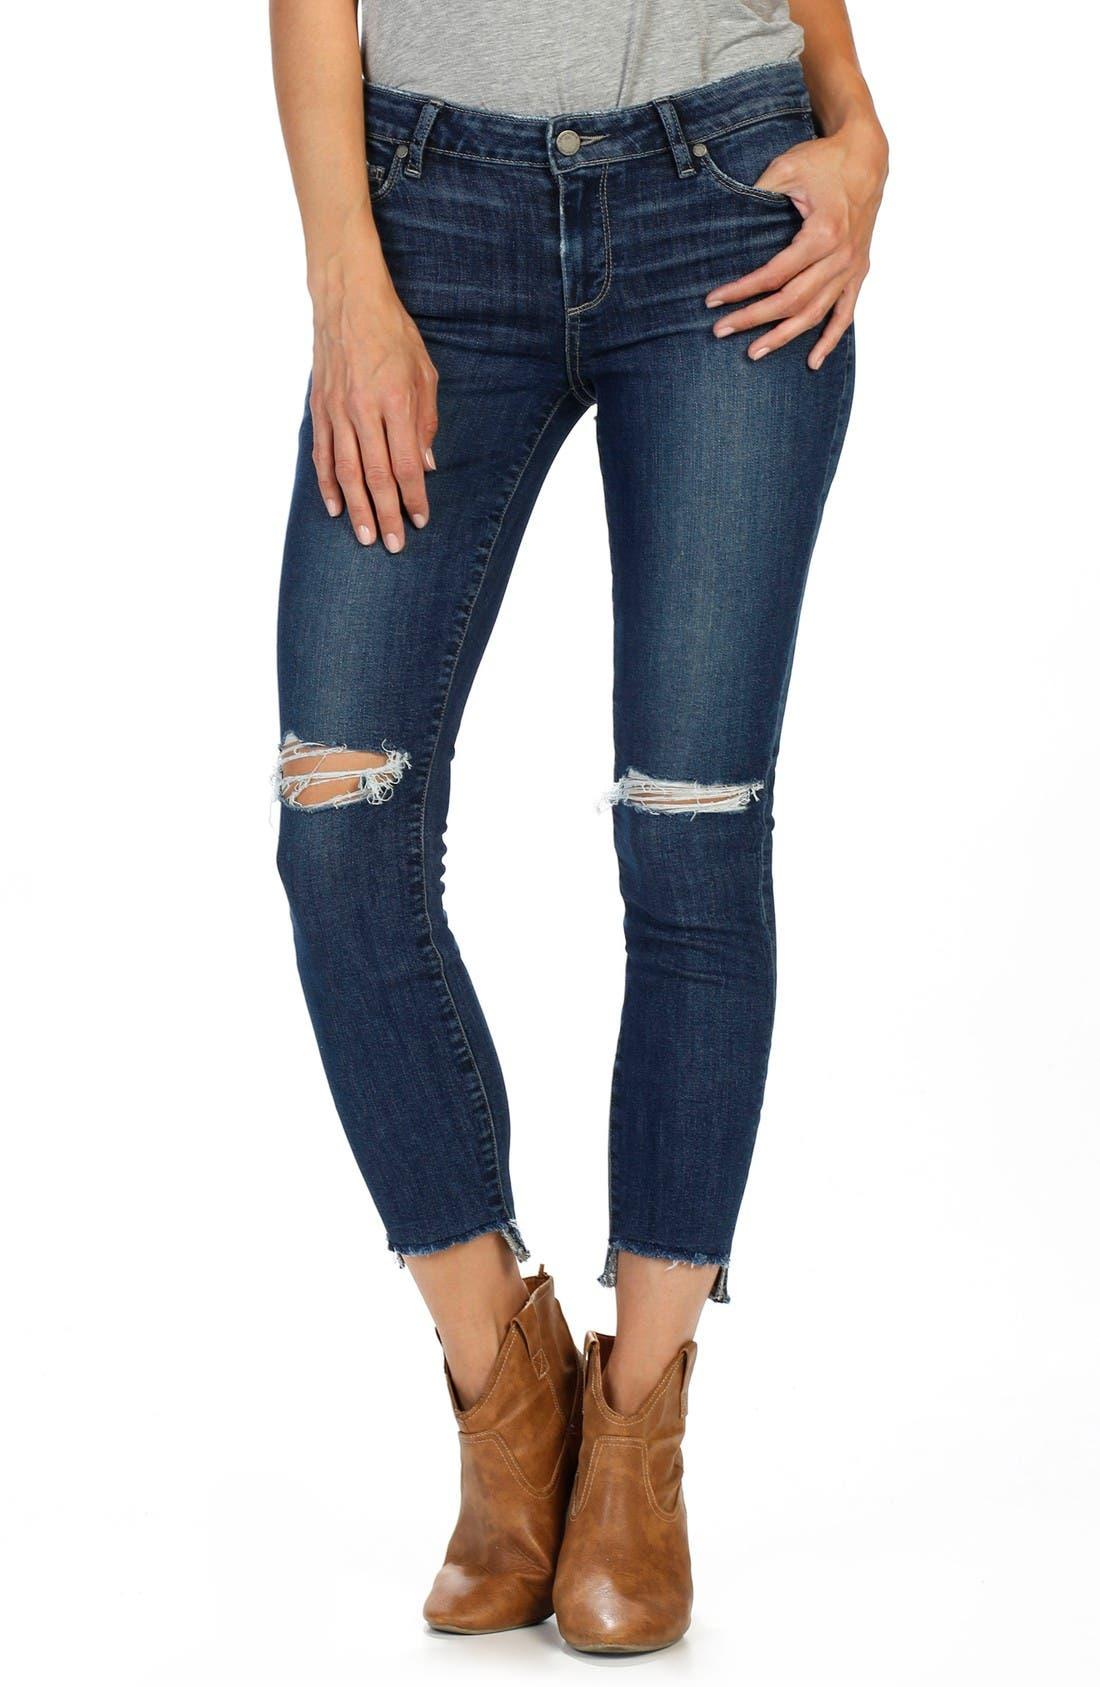 Main Image - PAIGE Verdugo Step Hem Ankle Skinny Jeans (Dede Destructed)  (Nordstrom Exclusive)